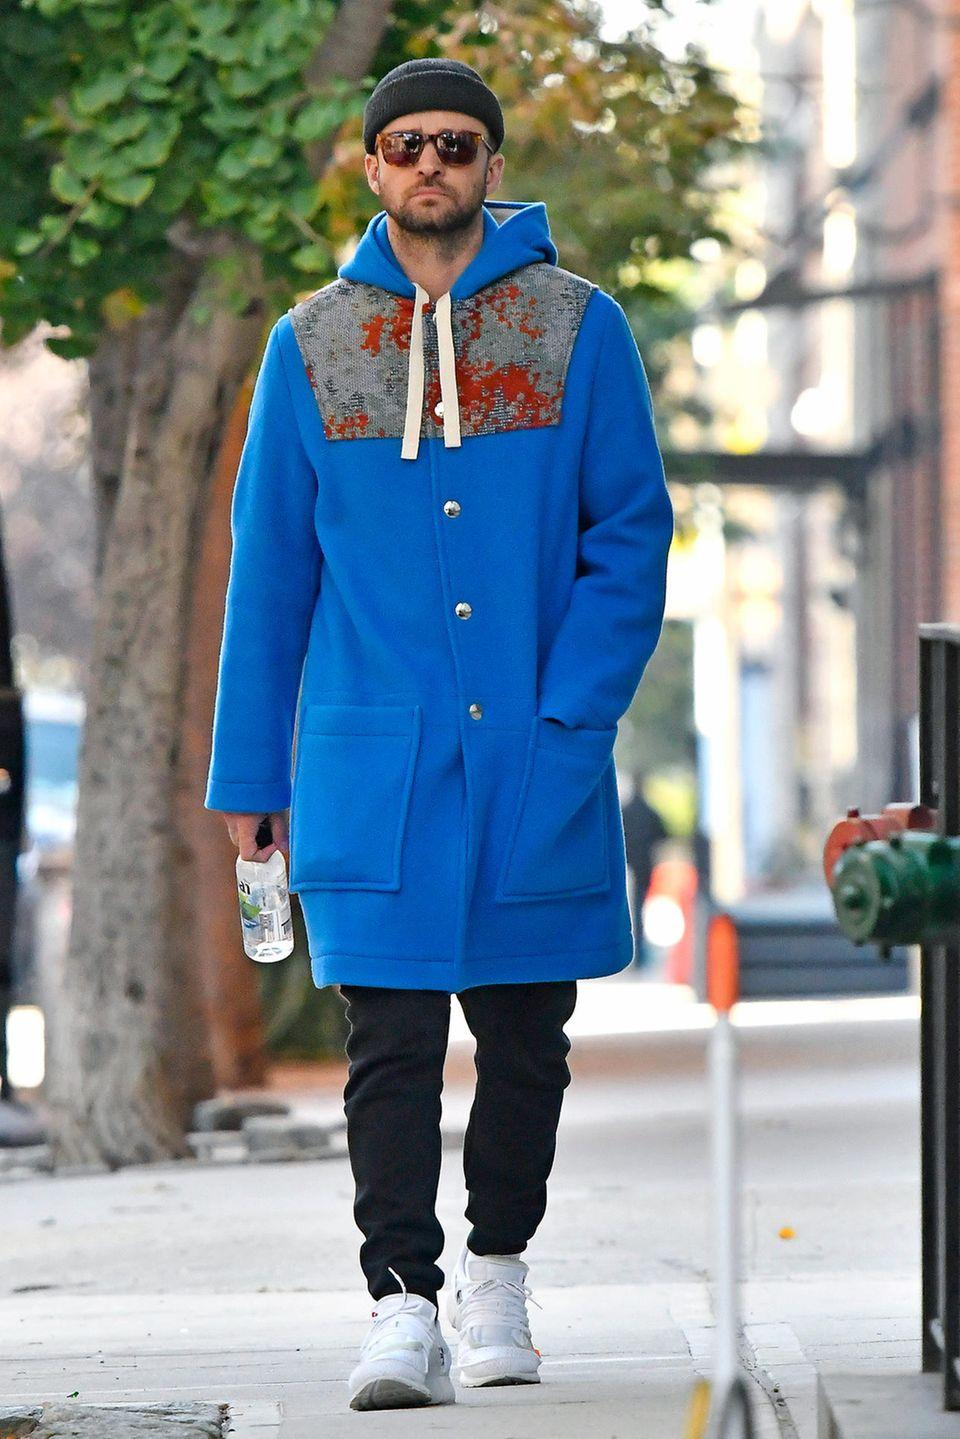 """Im New Yorker Stadtteil Tribeca erwischen Paparazzi Justin Timberlake. Für seinen Herbst-Spaziergang hat sich der Sänger extra warm eingepackt und hüllt sich in einen blauen Wollmantel des Schweden-Labels """"Acne"""". Für rund 750 Euro ist das wärmende Kleidungsstück sogar noch zu haben! Um den hippen Street-Style komplett zu machen, kombiniert Justin außerdem eine flaschengrüne Wollmütze und eine dunkle Sonnenbrille zu seinem blauen Mantel. Aufmerksamkeit ist dem Mann von Jessica Biel mit diesem Look garantiert!"""